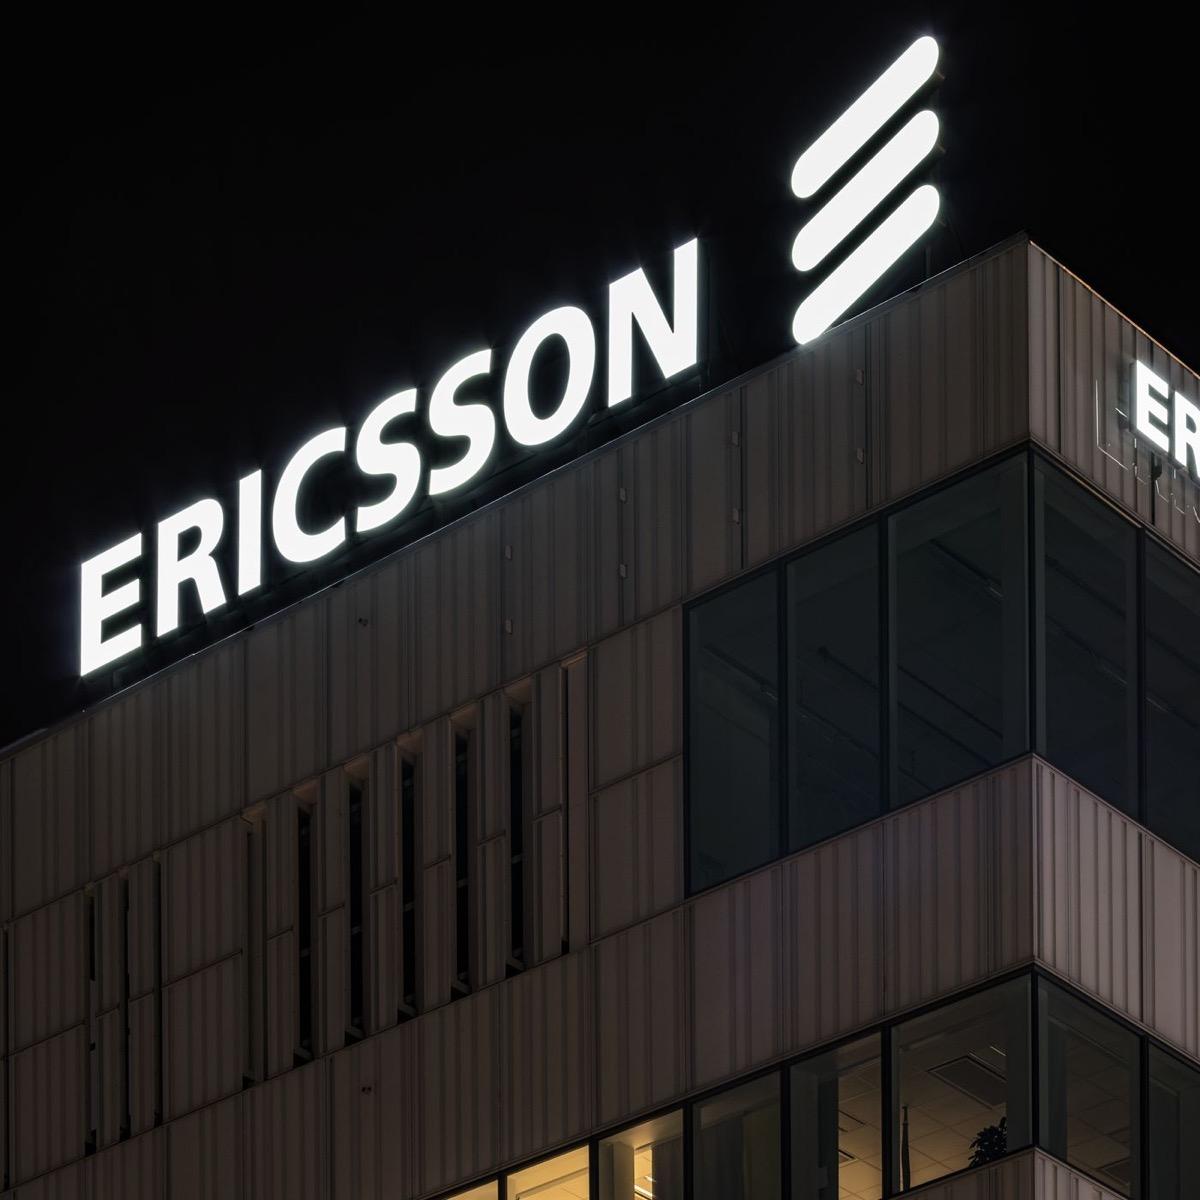 Ericsson News